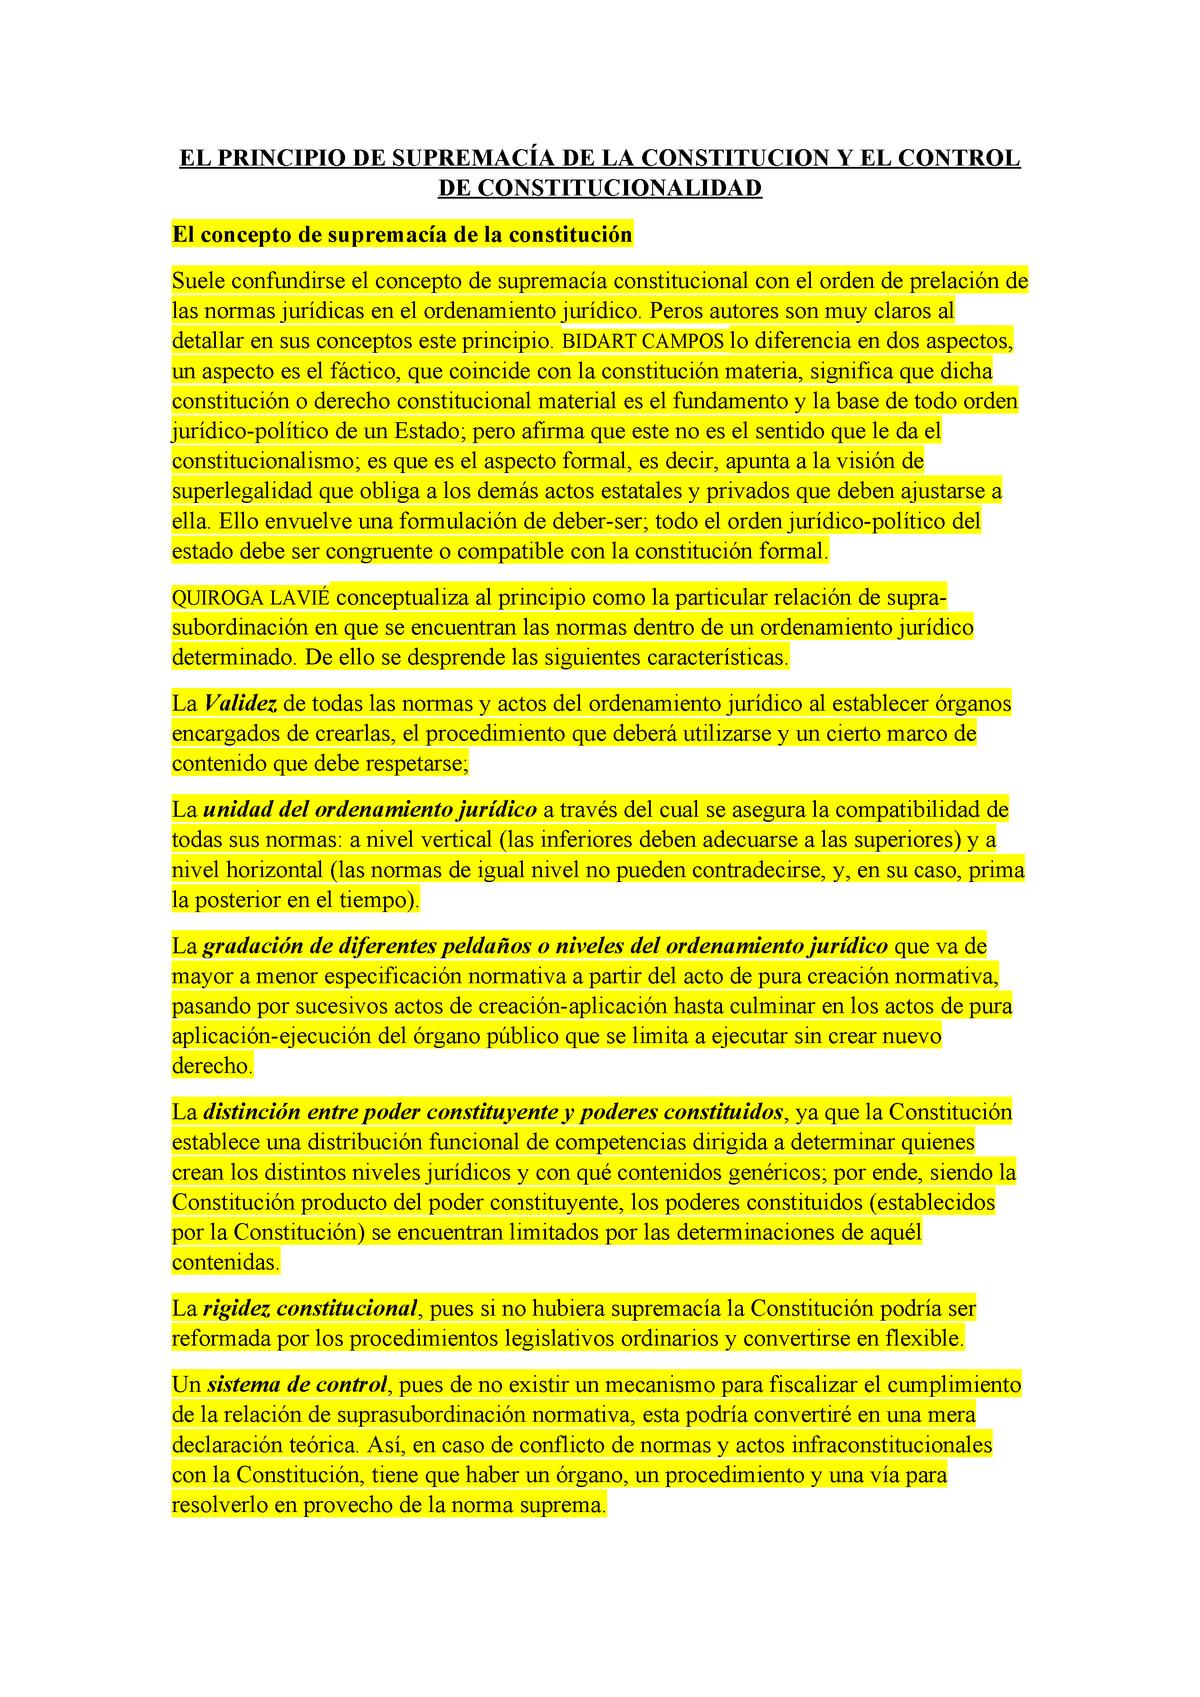 El Principio De Supremacía De La Constitución Y El Control